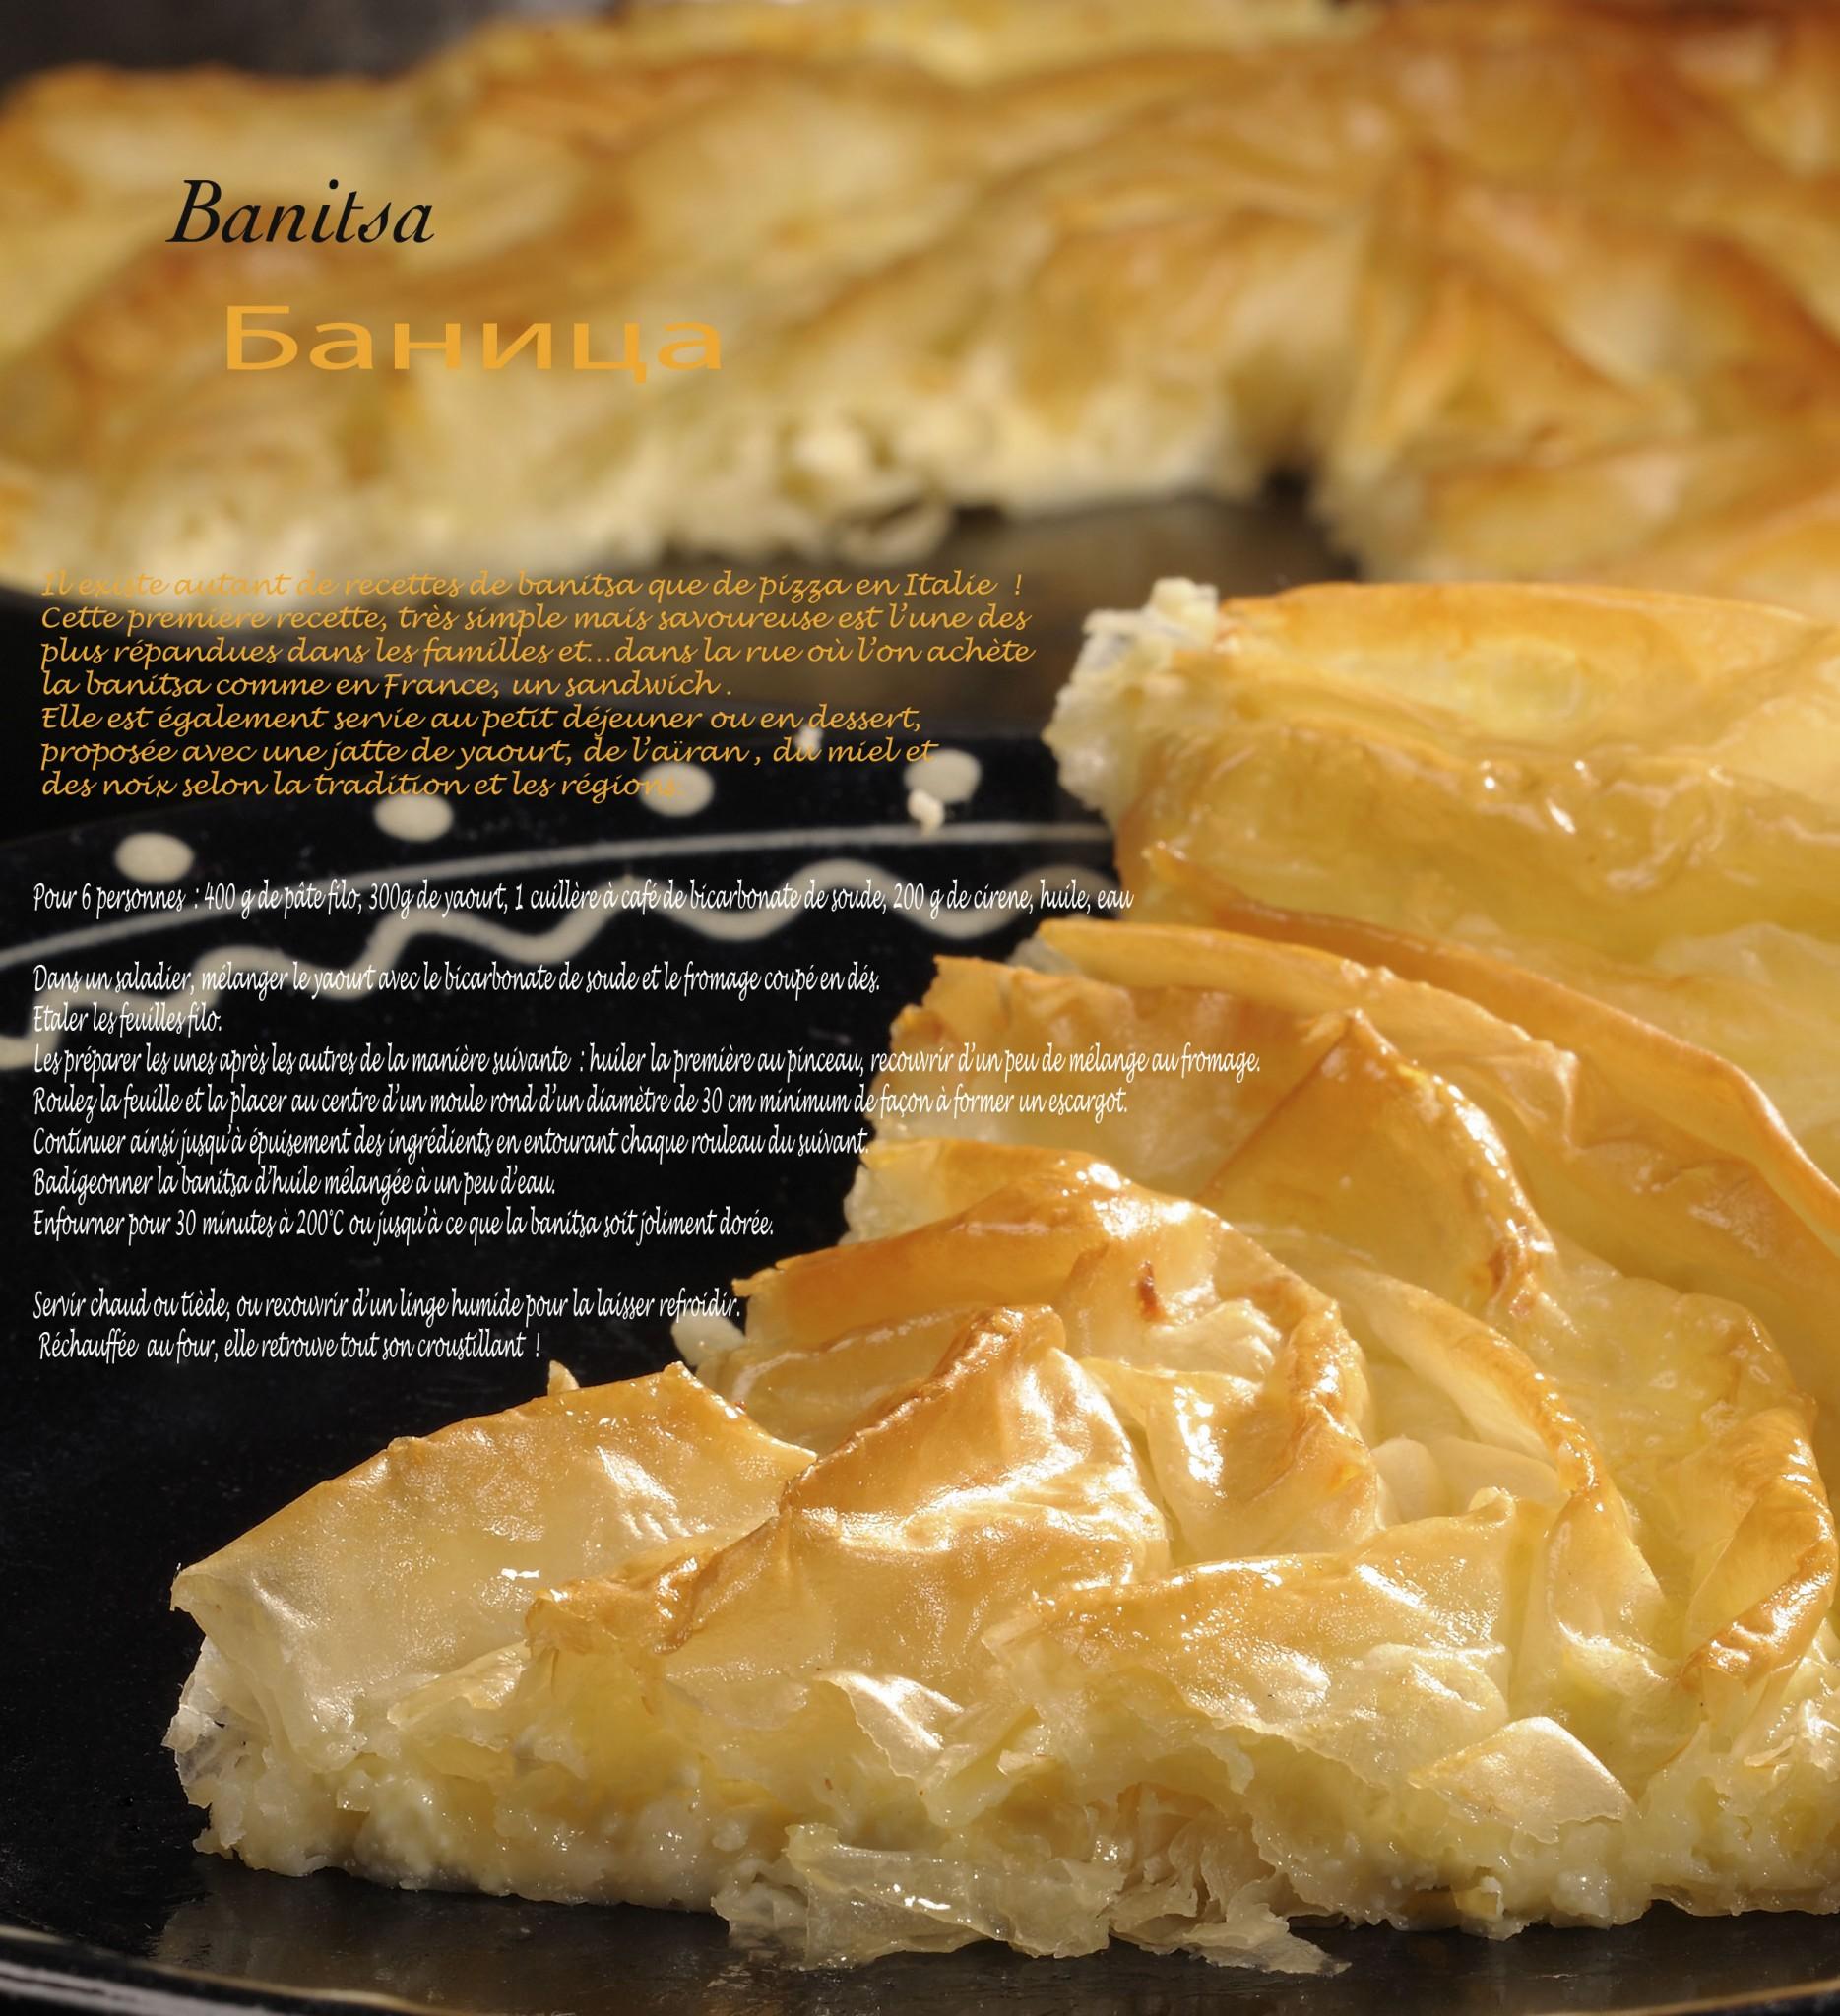 Prise de vue culinaire, recette bulgare de Banitsa.